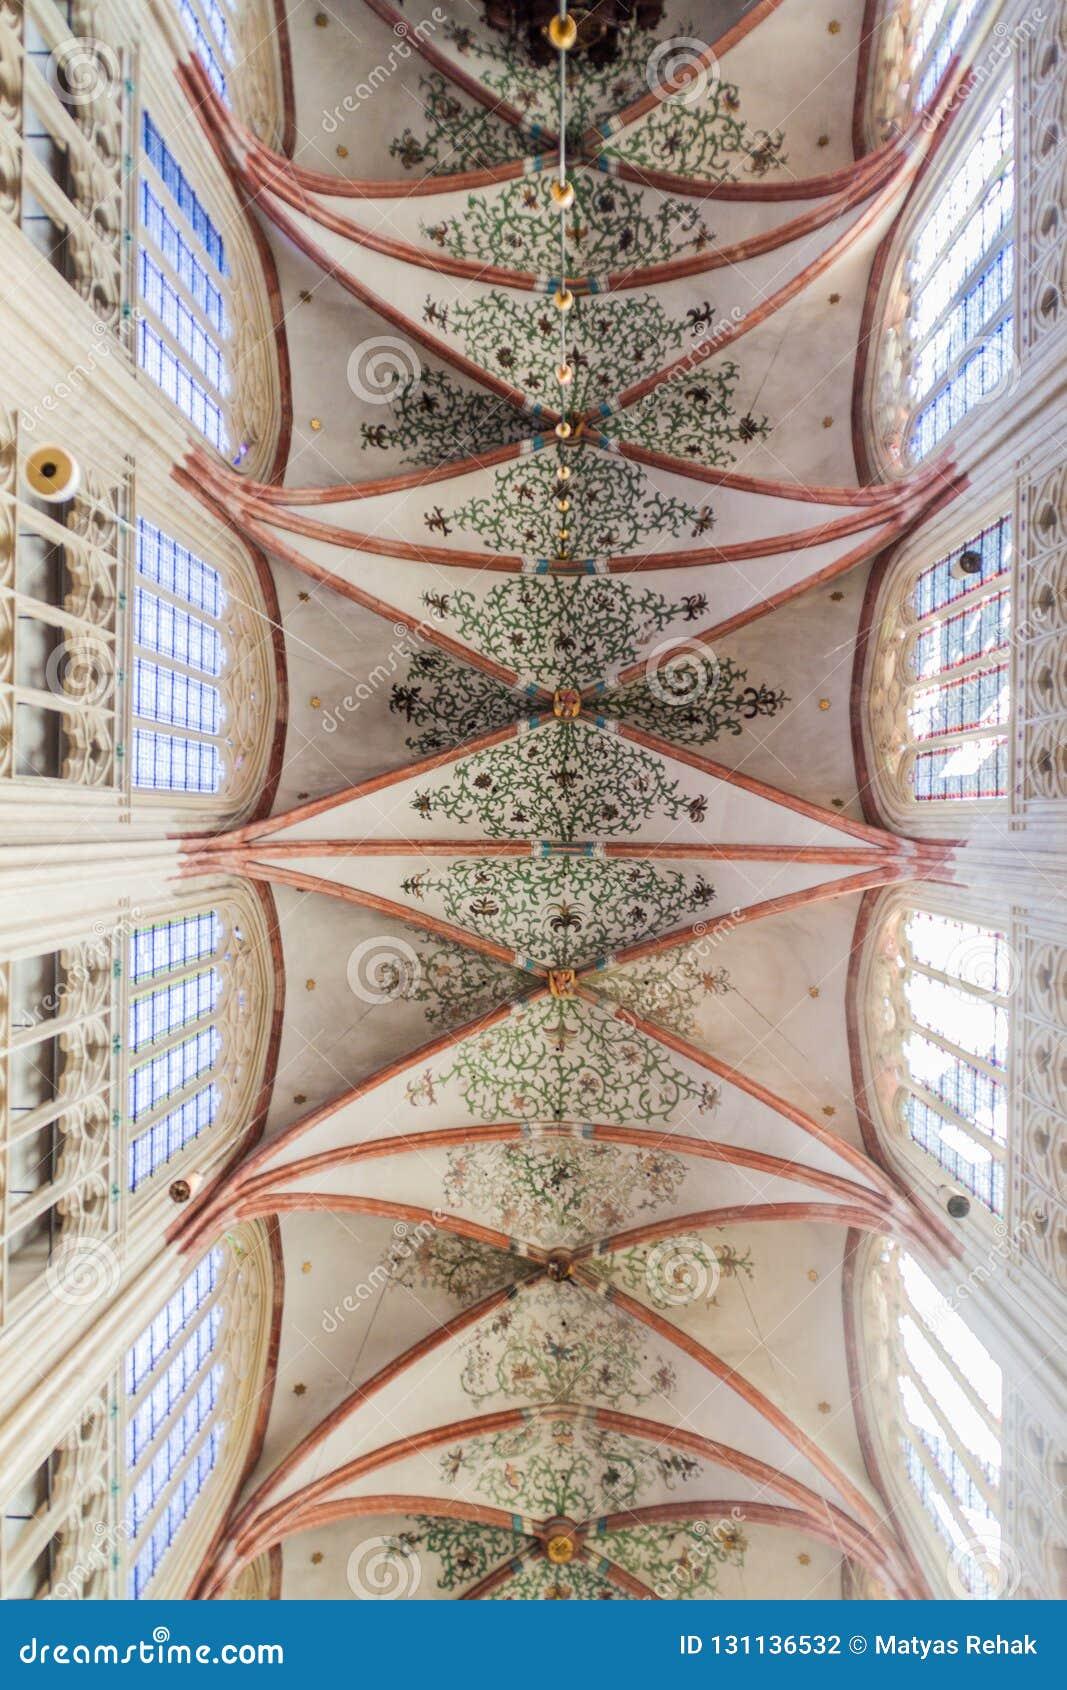 HÖHLE BOSCH, DIE NIEDERLANDE - 30. AUGUST 2016: Innenraum von gotischen Saint Johns Kathedrale in Den Bosch, Netherlan